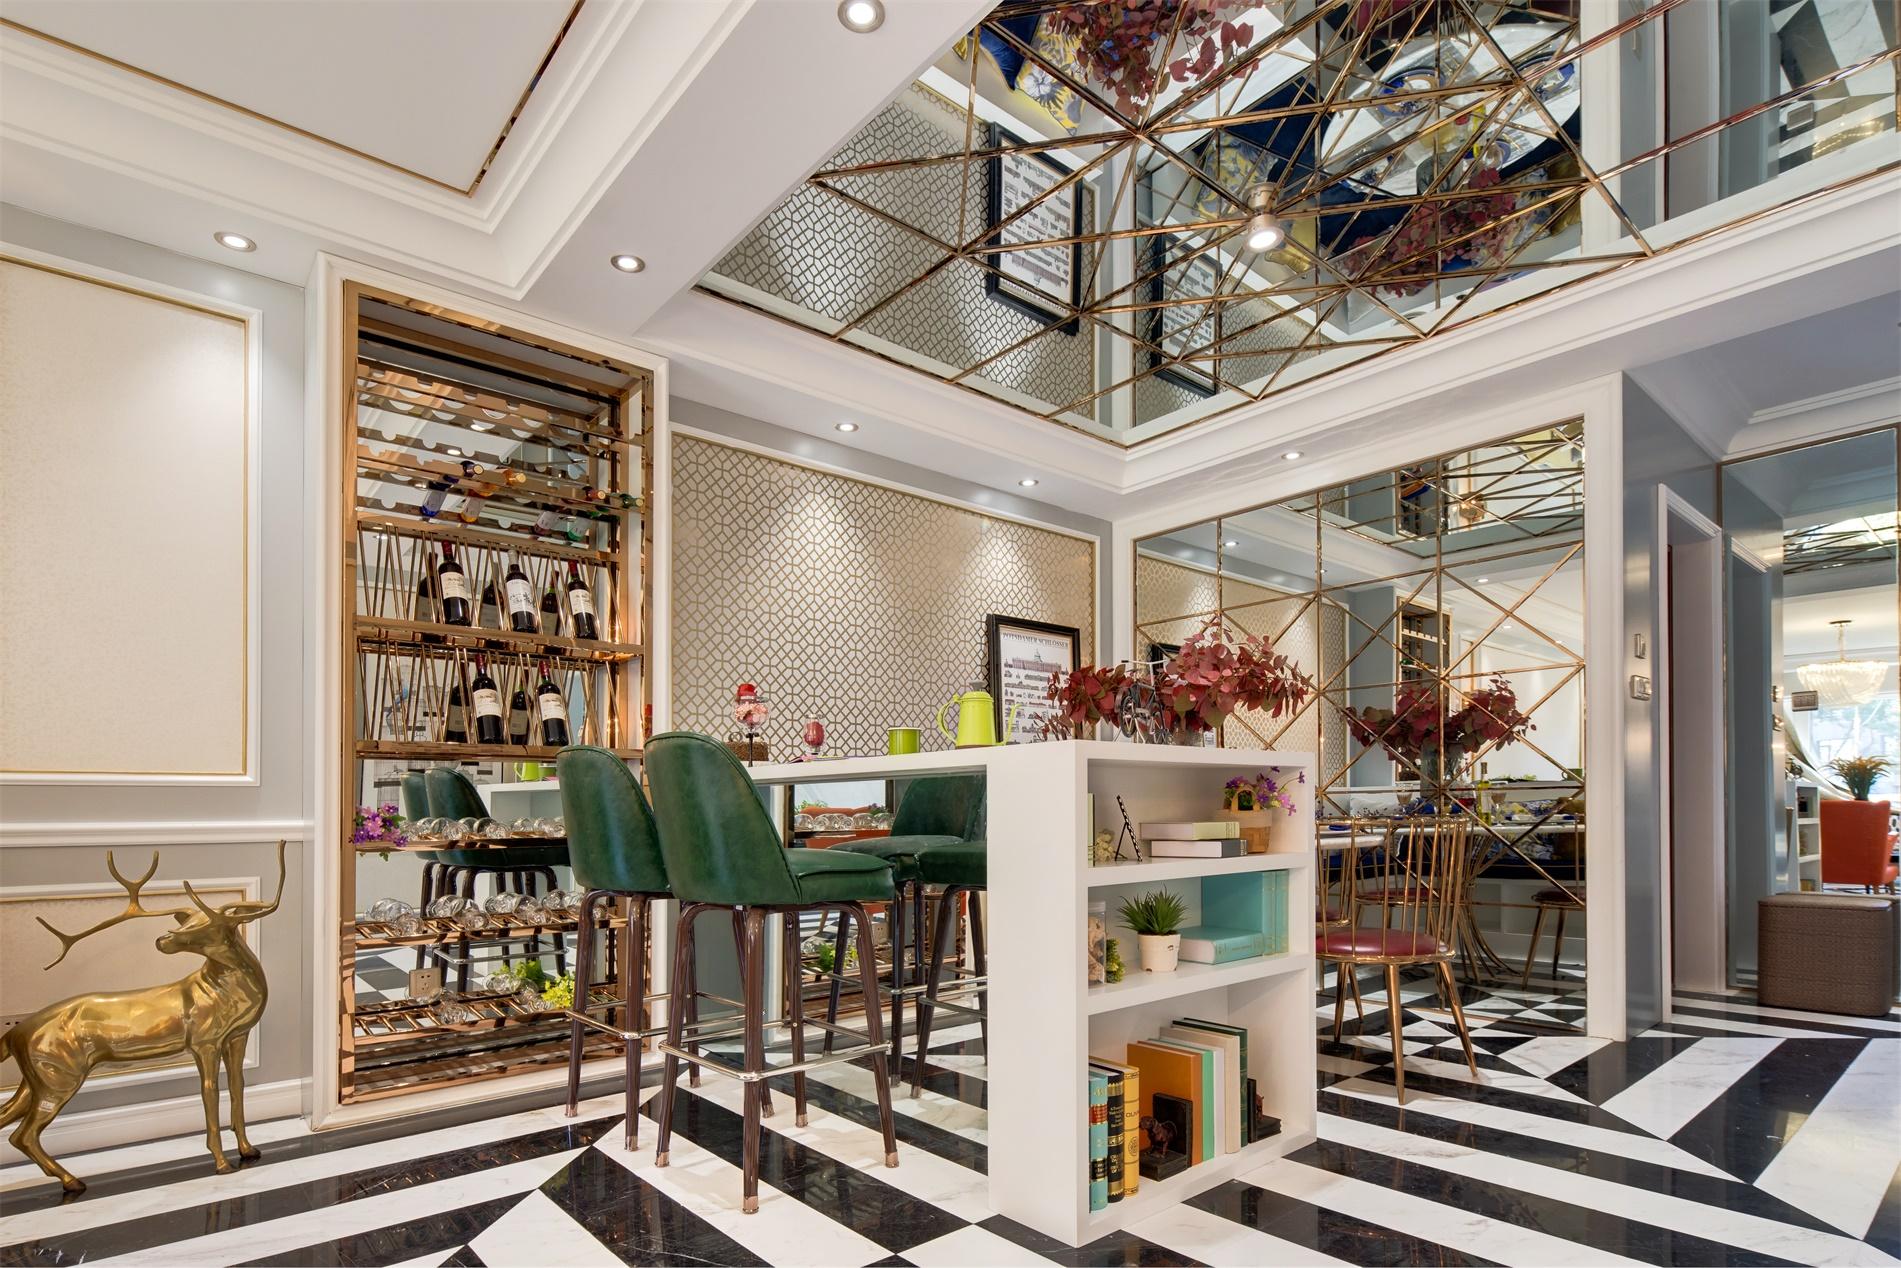 白色吧台起到隔断空间的作用,金色餐边柜与大面积装饰镜,略带一些轻奢的感觉。